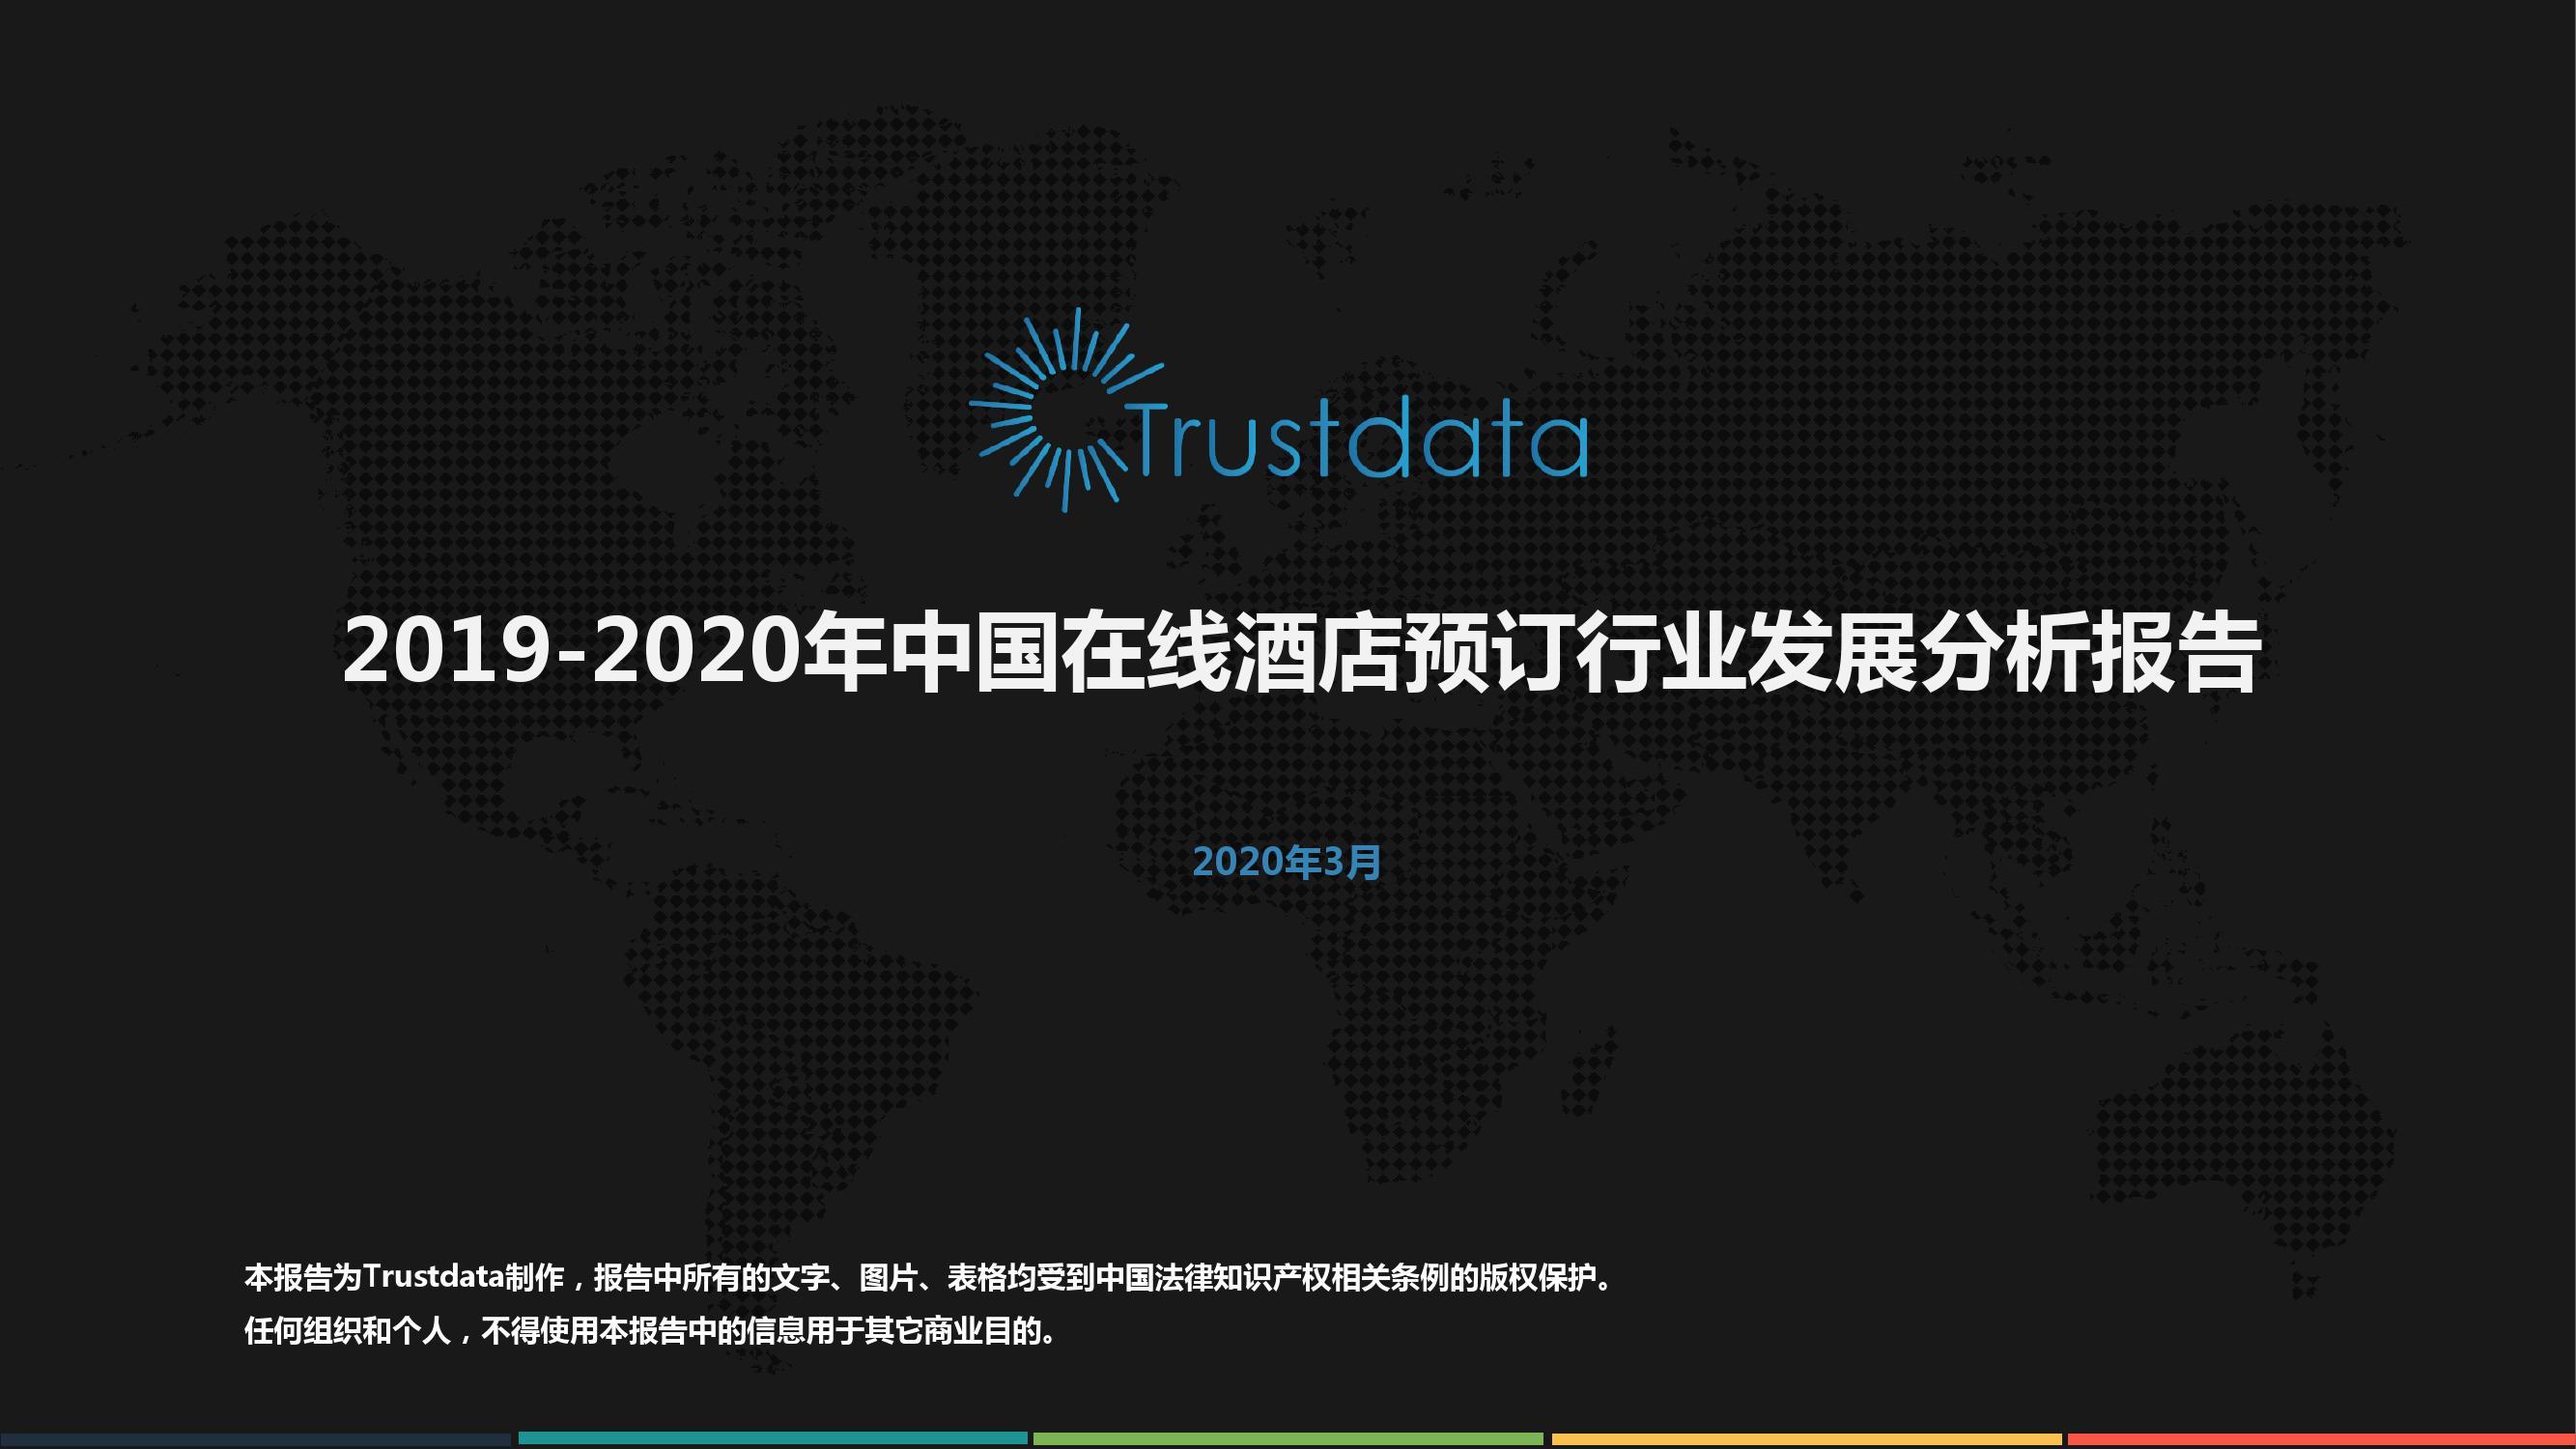 Trustdata:2019-2020年中国在线酒店预订行业发展分析报告(附下载)